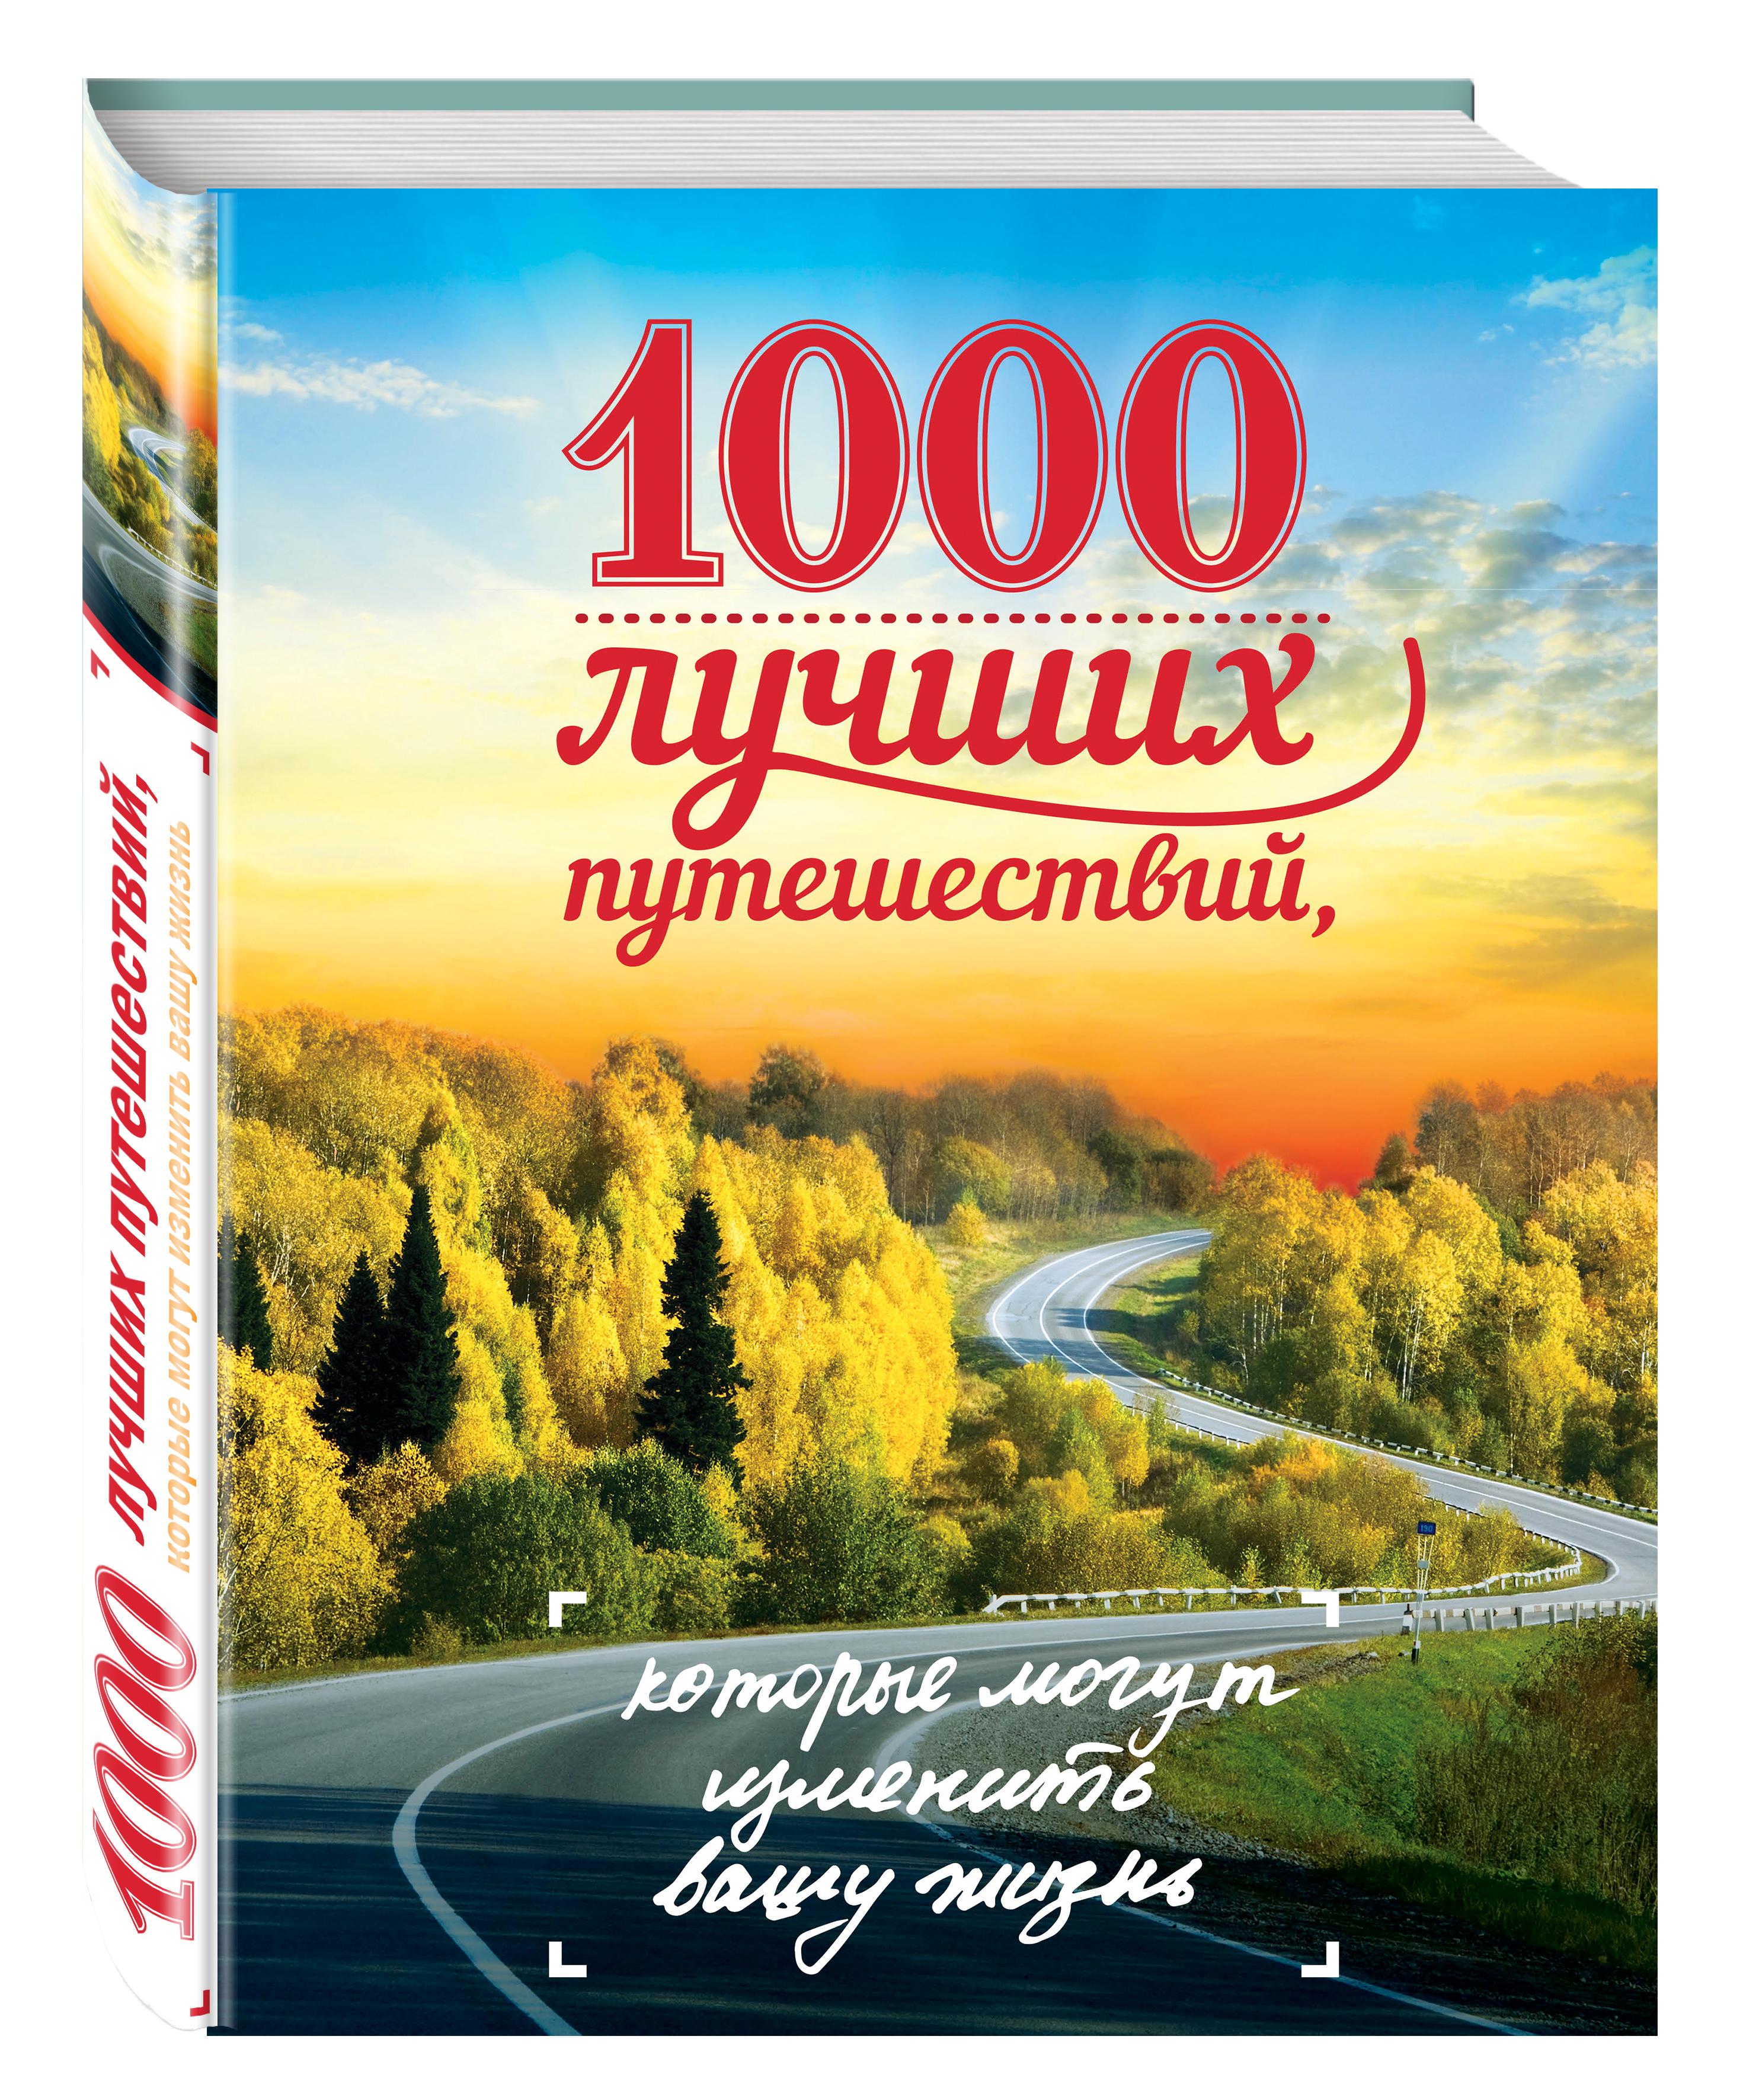 1000 лучших путешествий, которые могут изменить вашу жизнь лошади 1000 фотографий